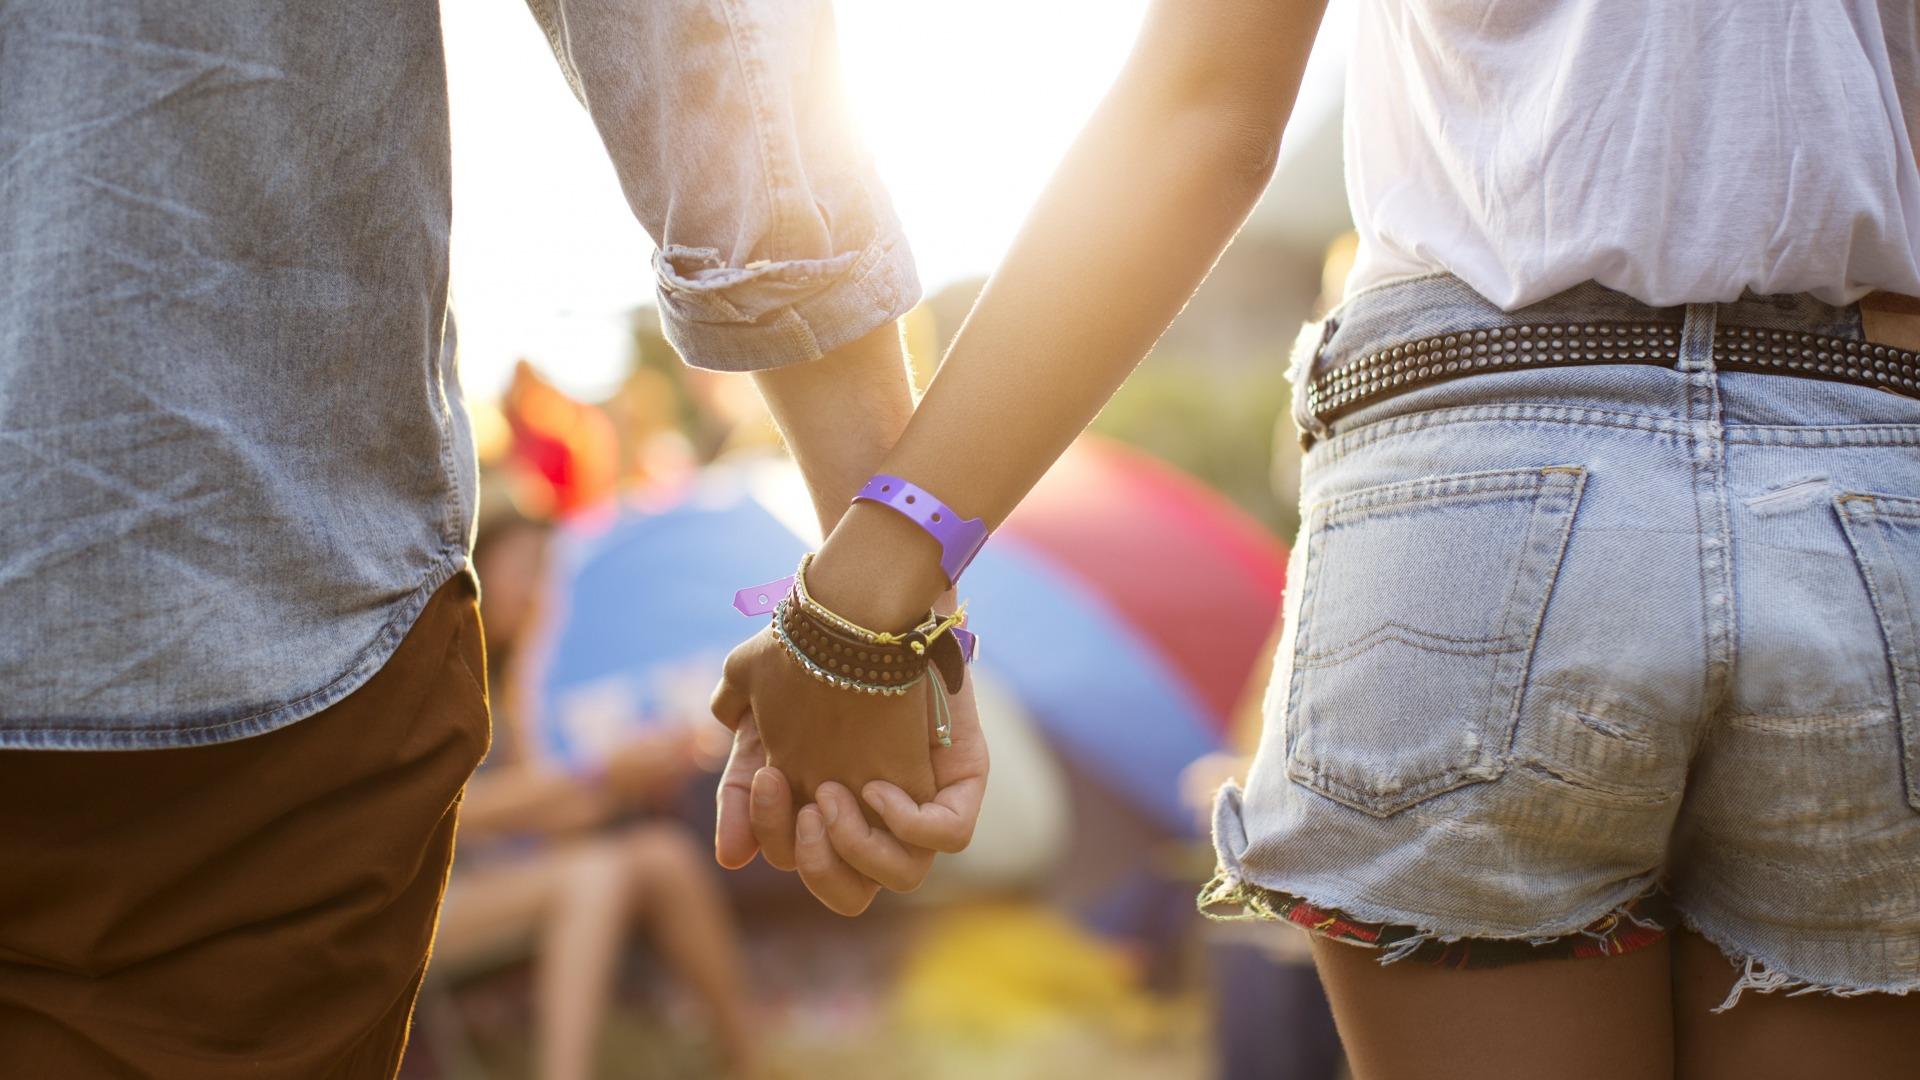 Τι θα ήθελα να γνώριζα πριν από την πρώτη σχέση μου